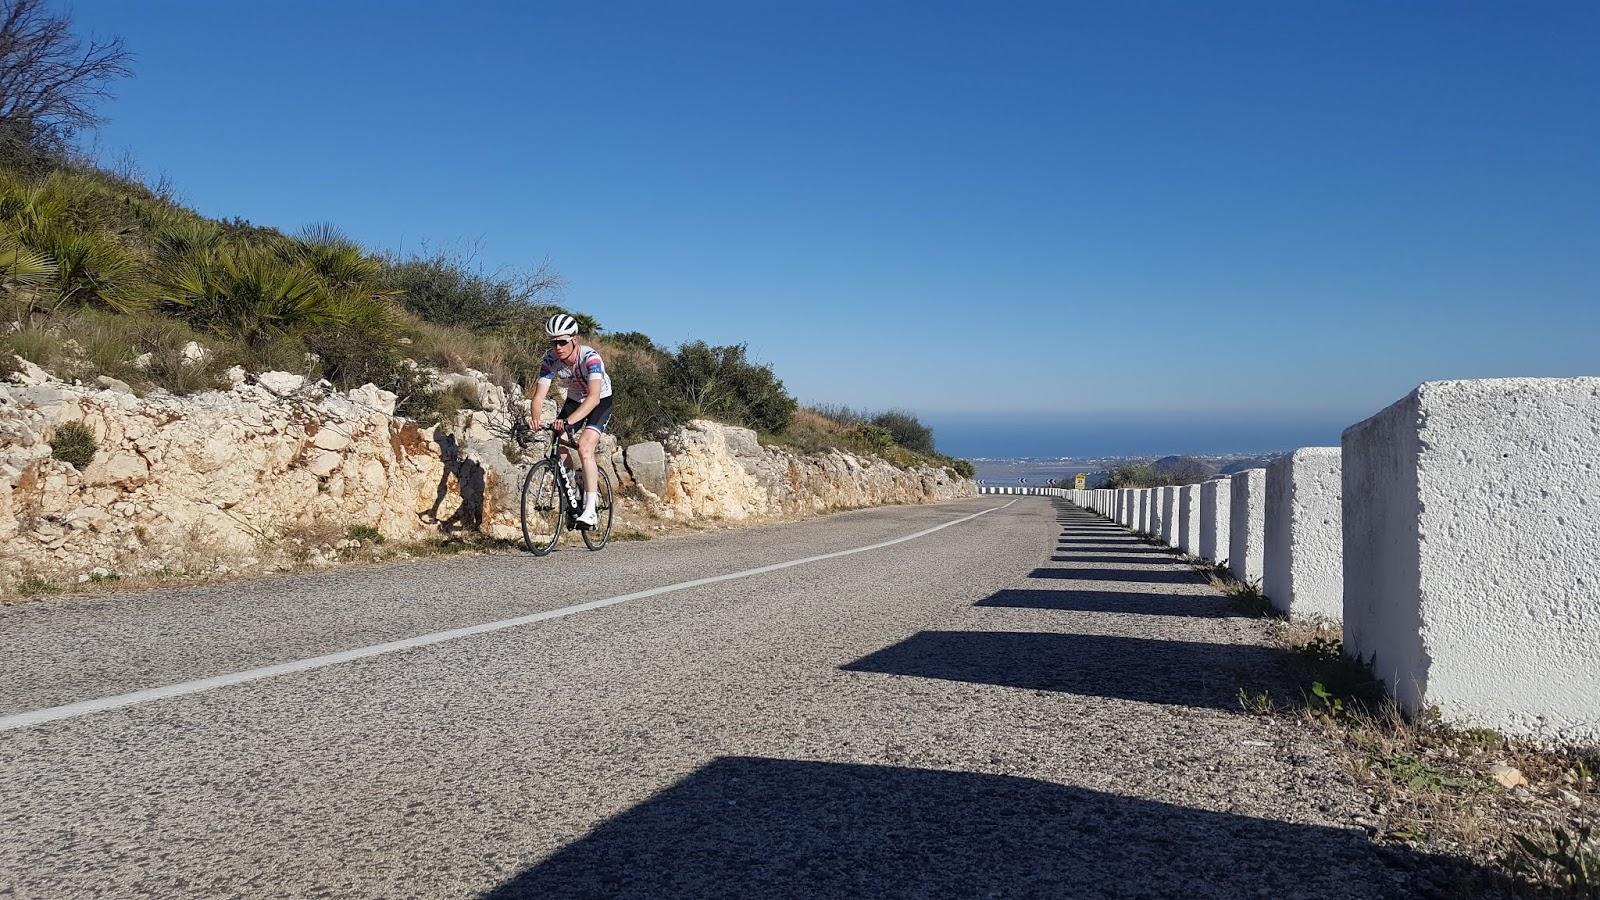 Cyclist climbing Vall d'ebo, Costa Blanca, Alicante, Spain